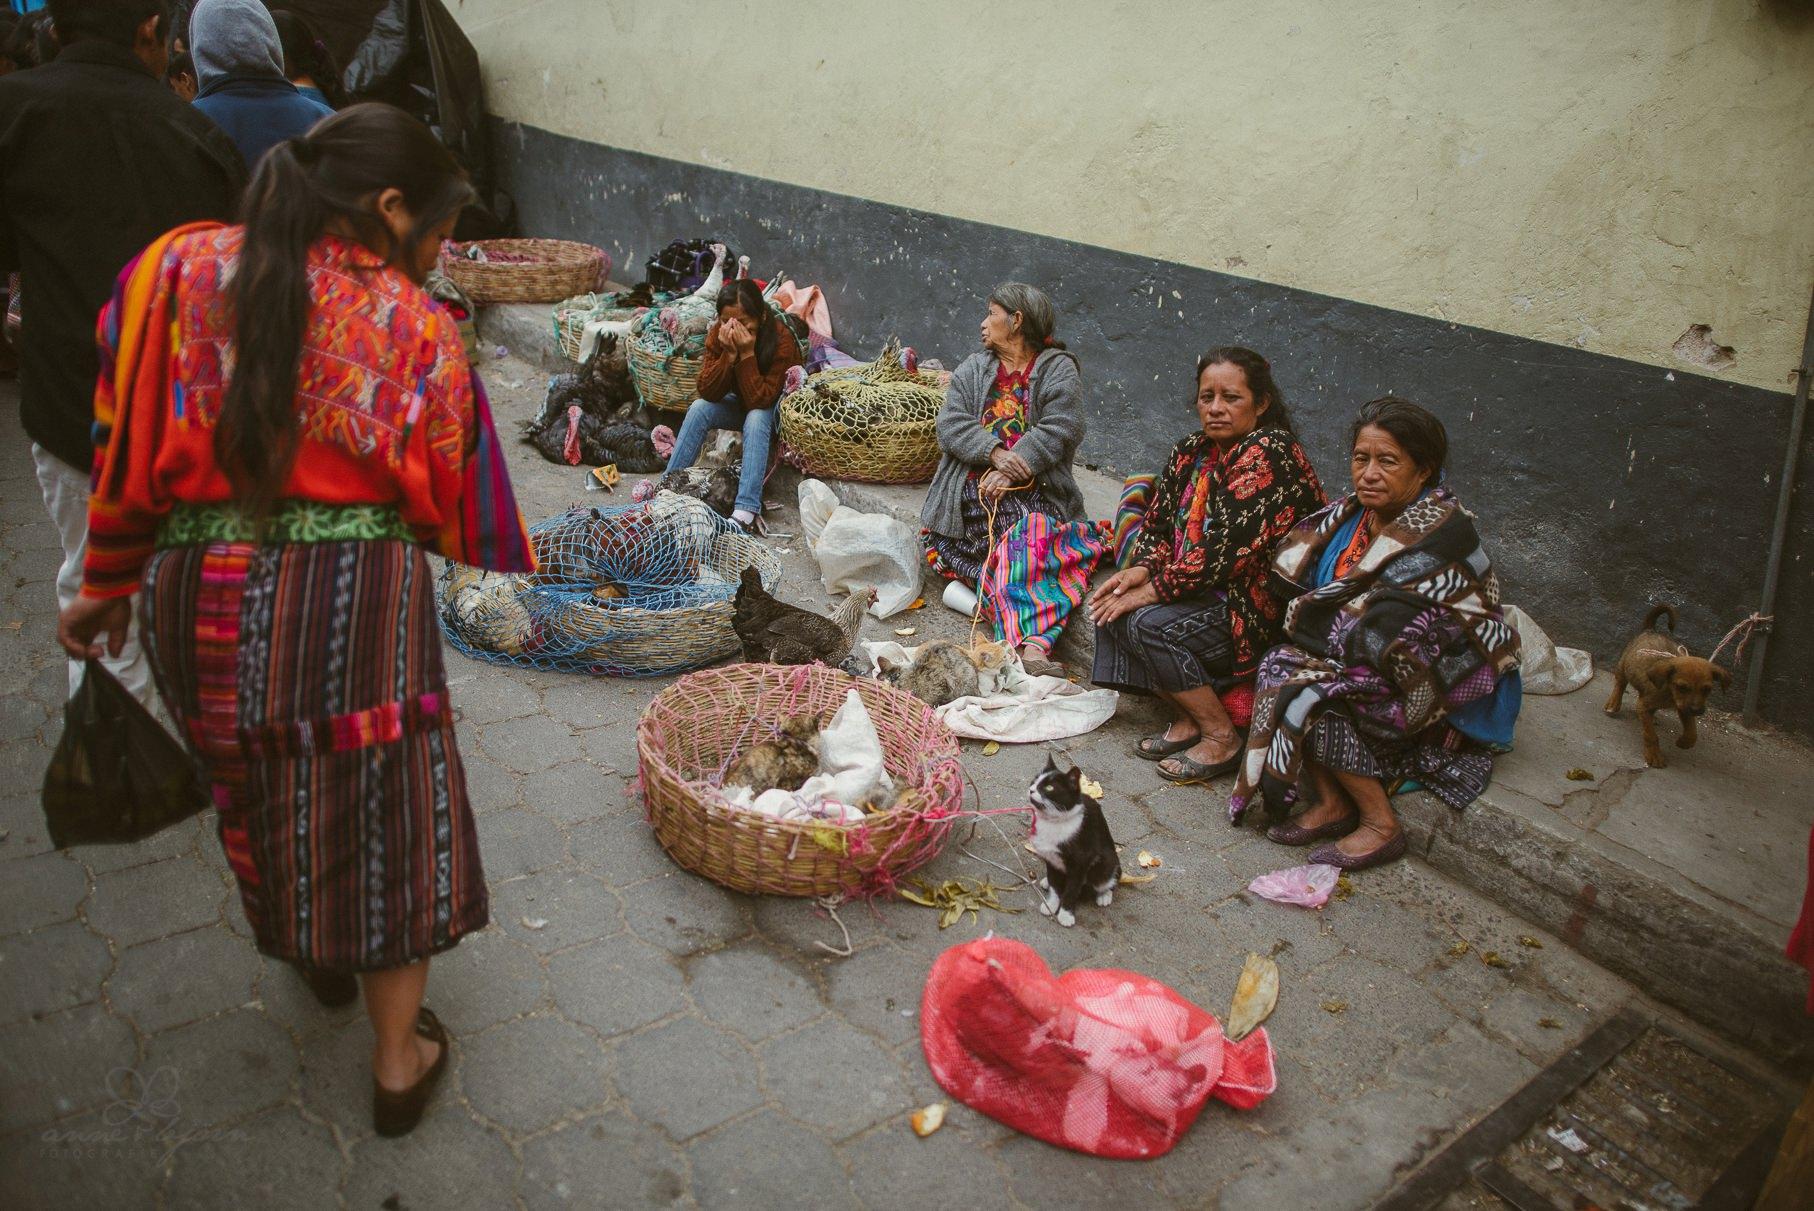 0133 anne und bjoern guatemala d75 2623 - 4 Wochen durch Guatemala - backpacking durch Mittelamerika